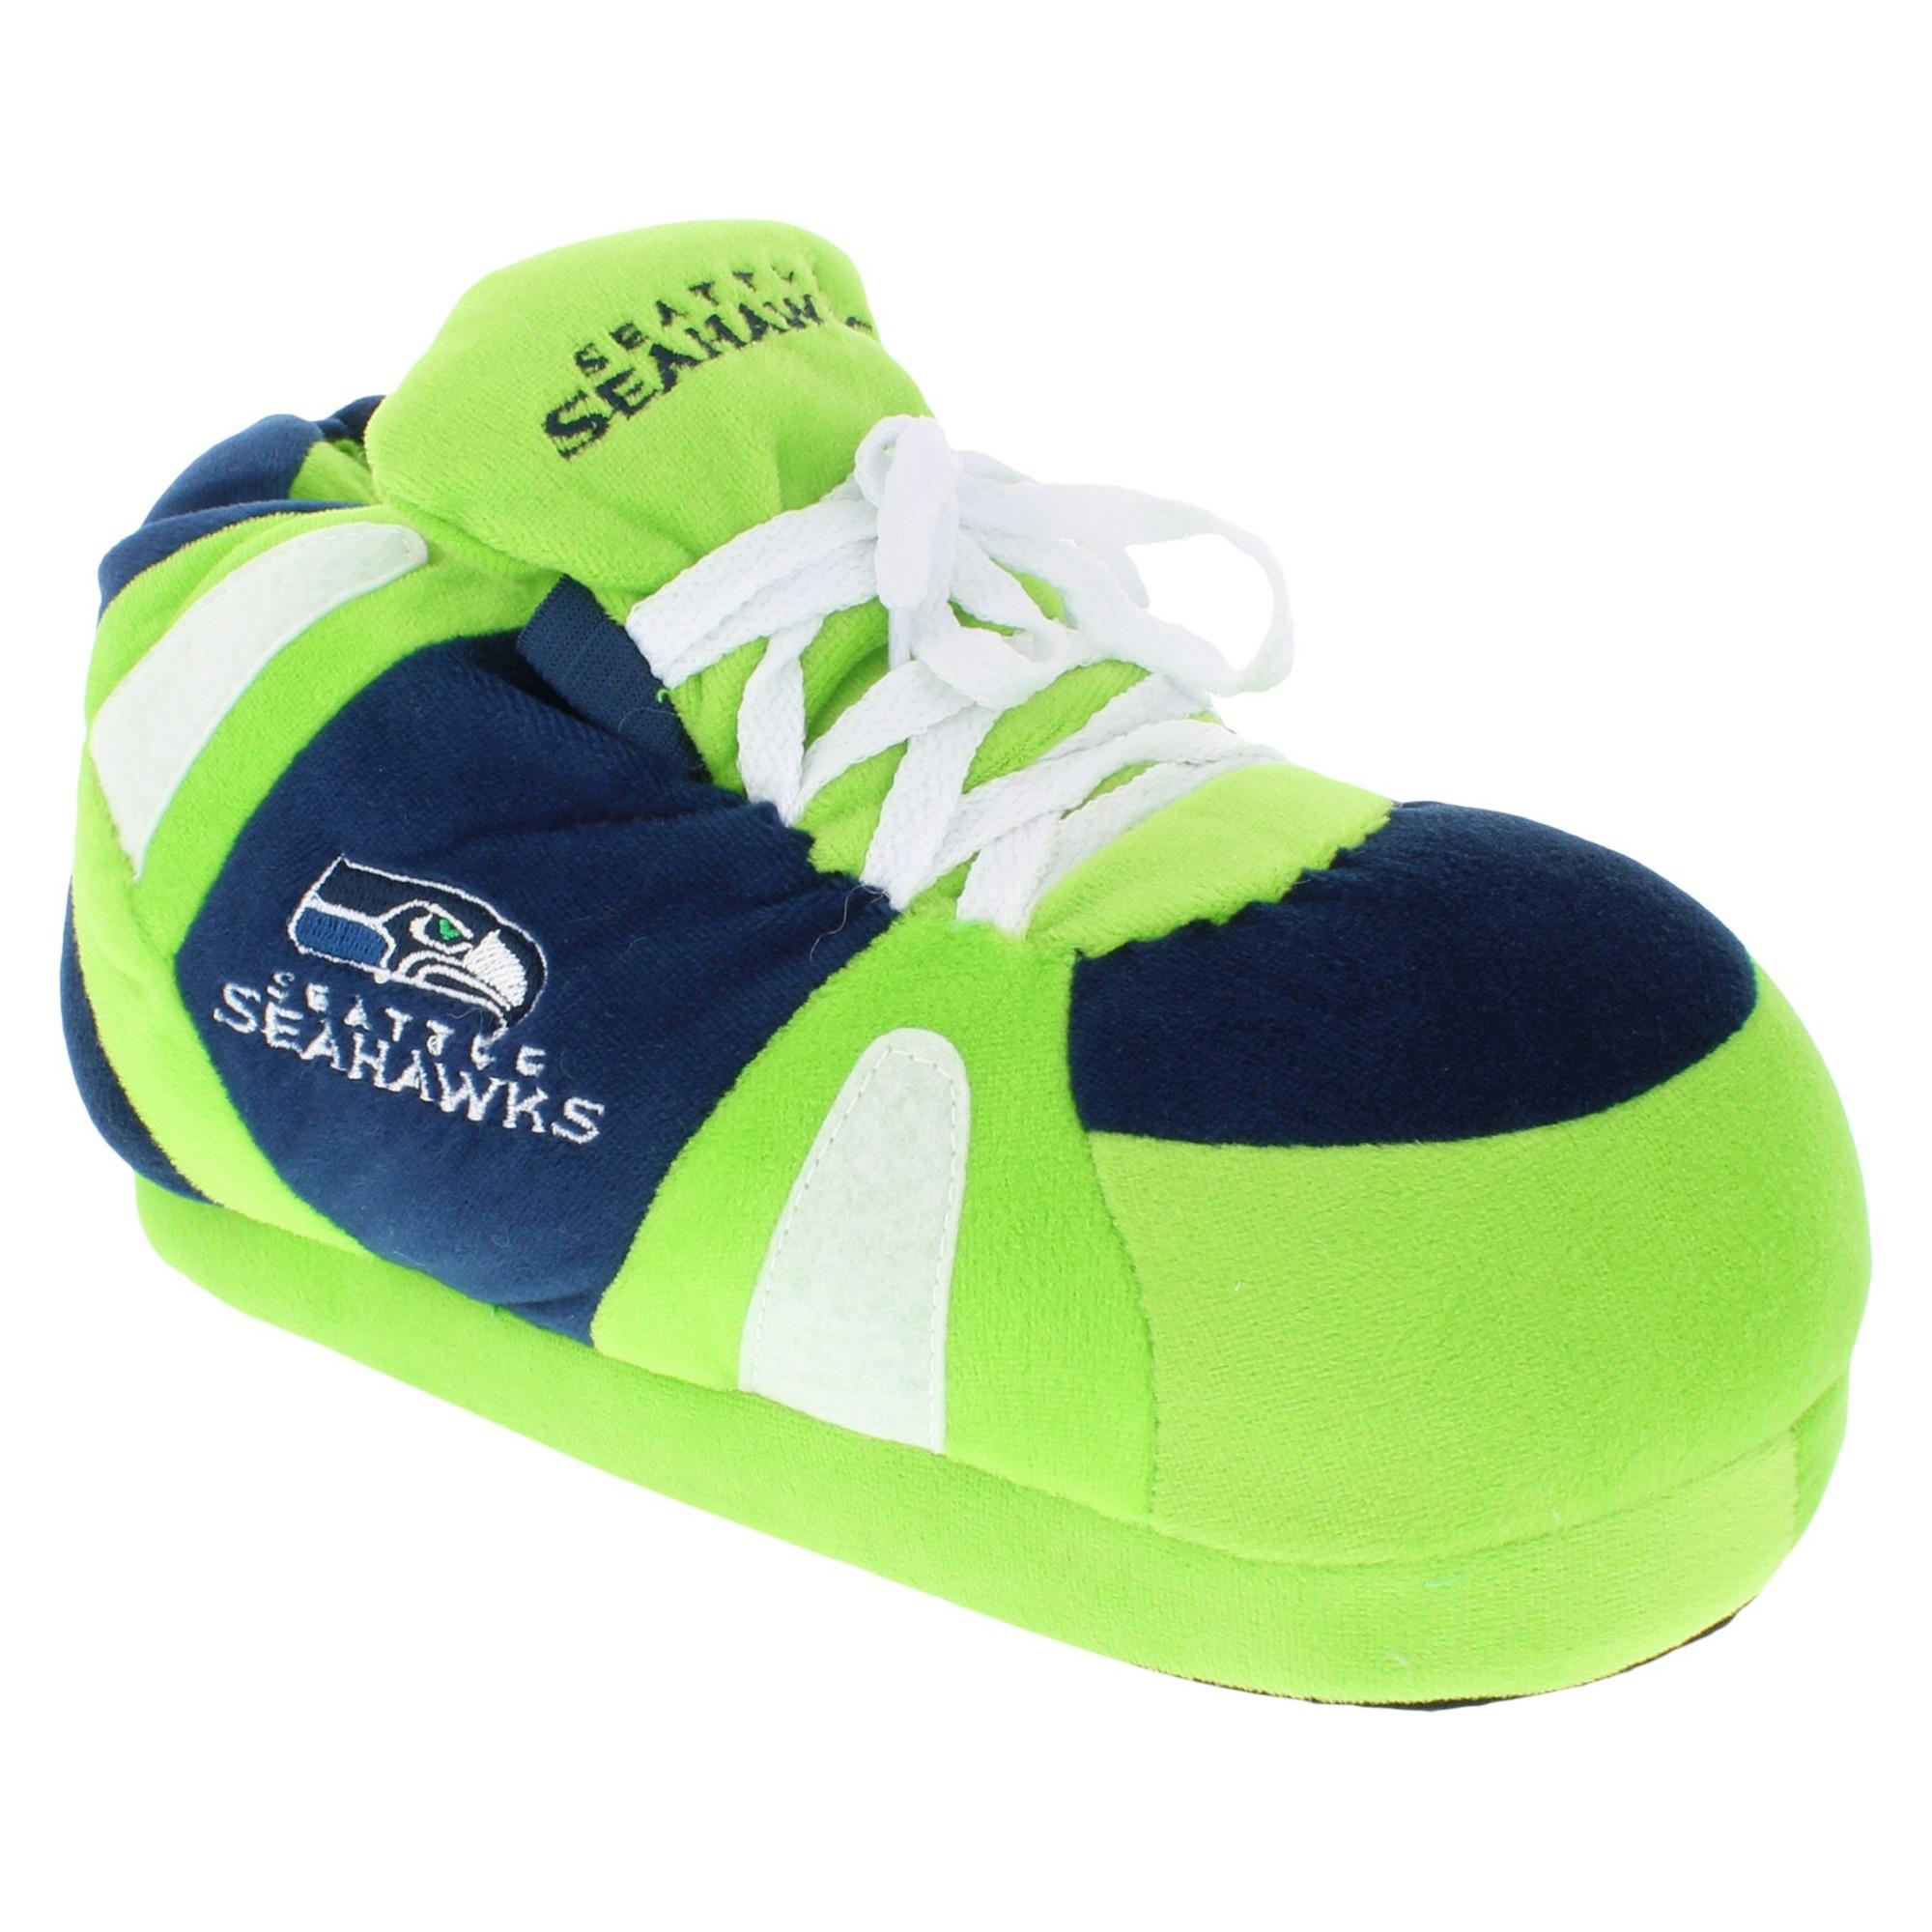 fy Feet NFL Seattle Seahawks Slipper XL Kids Uni